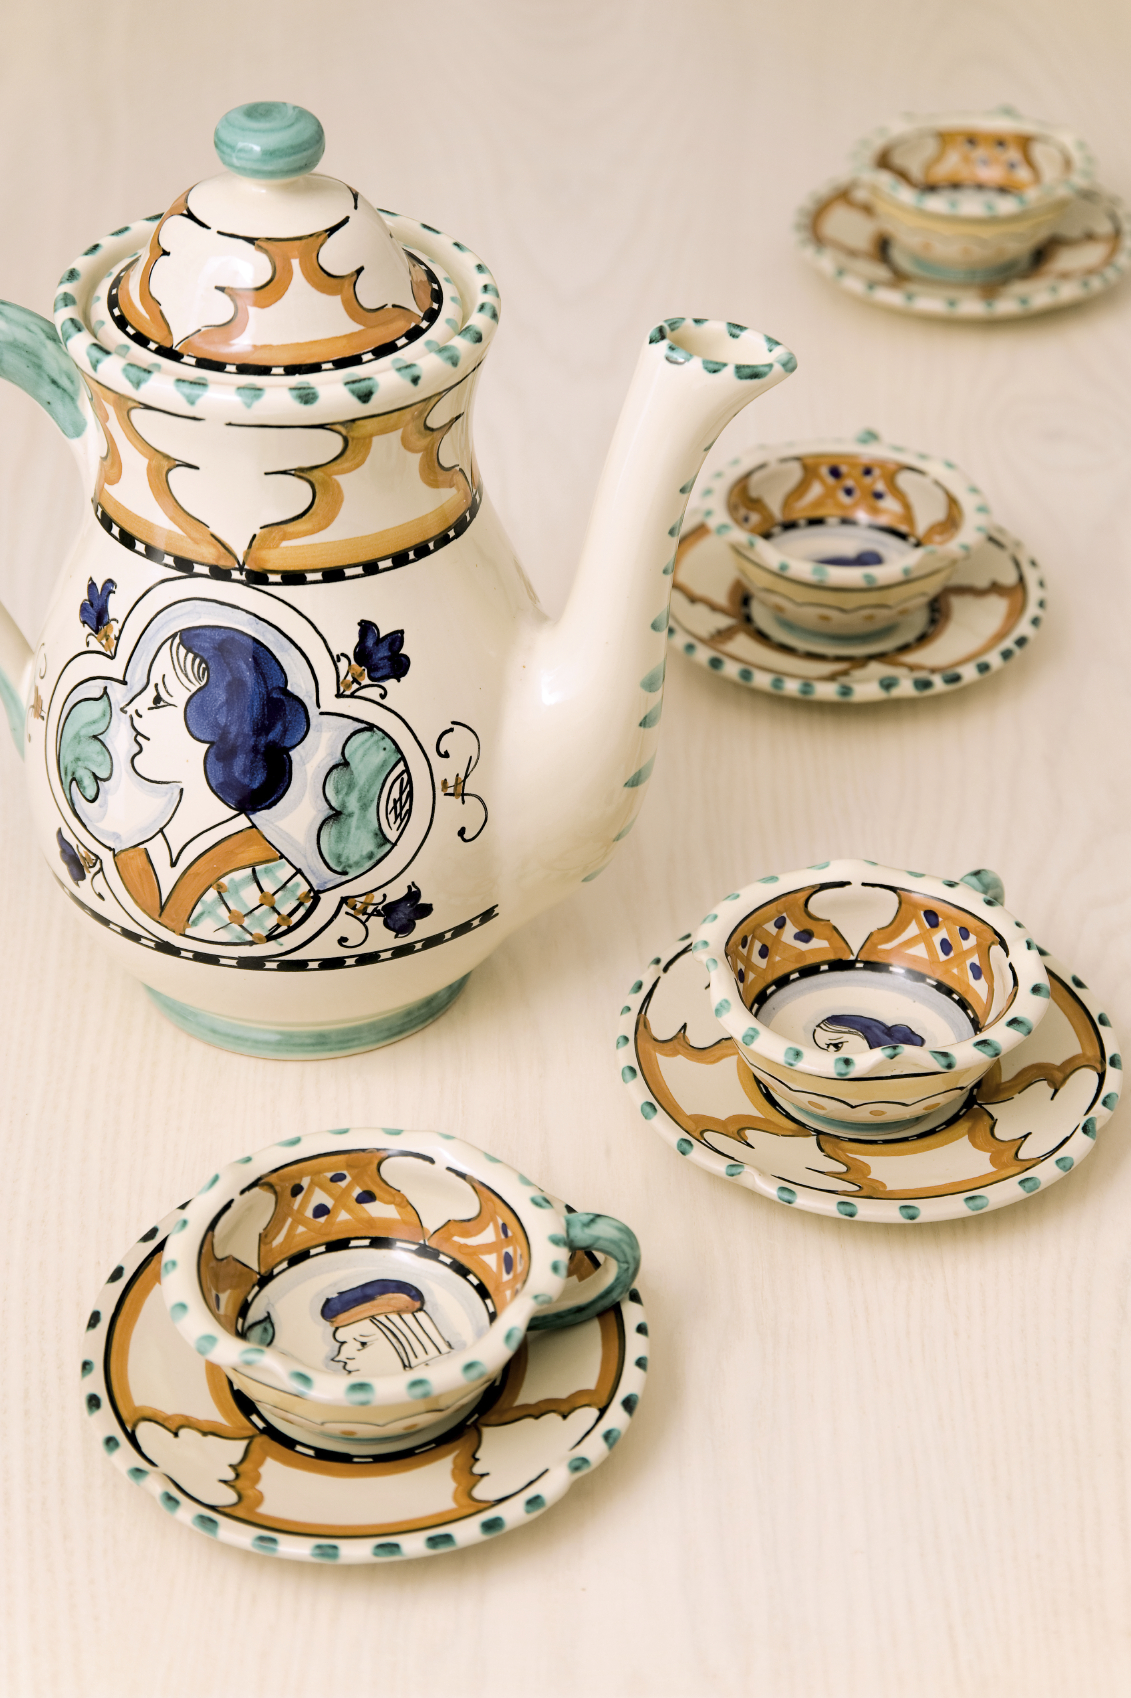 ceramics from Umbria, Italy